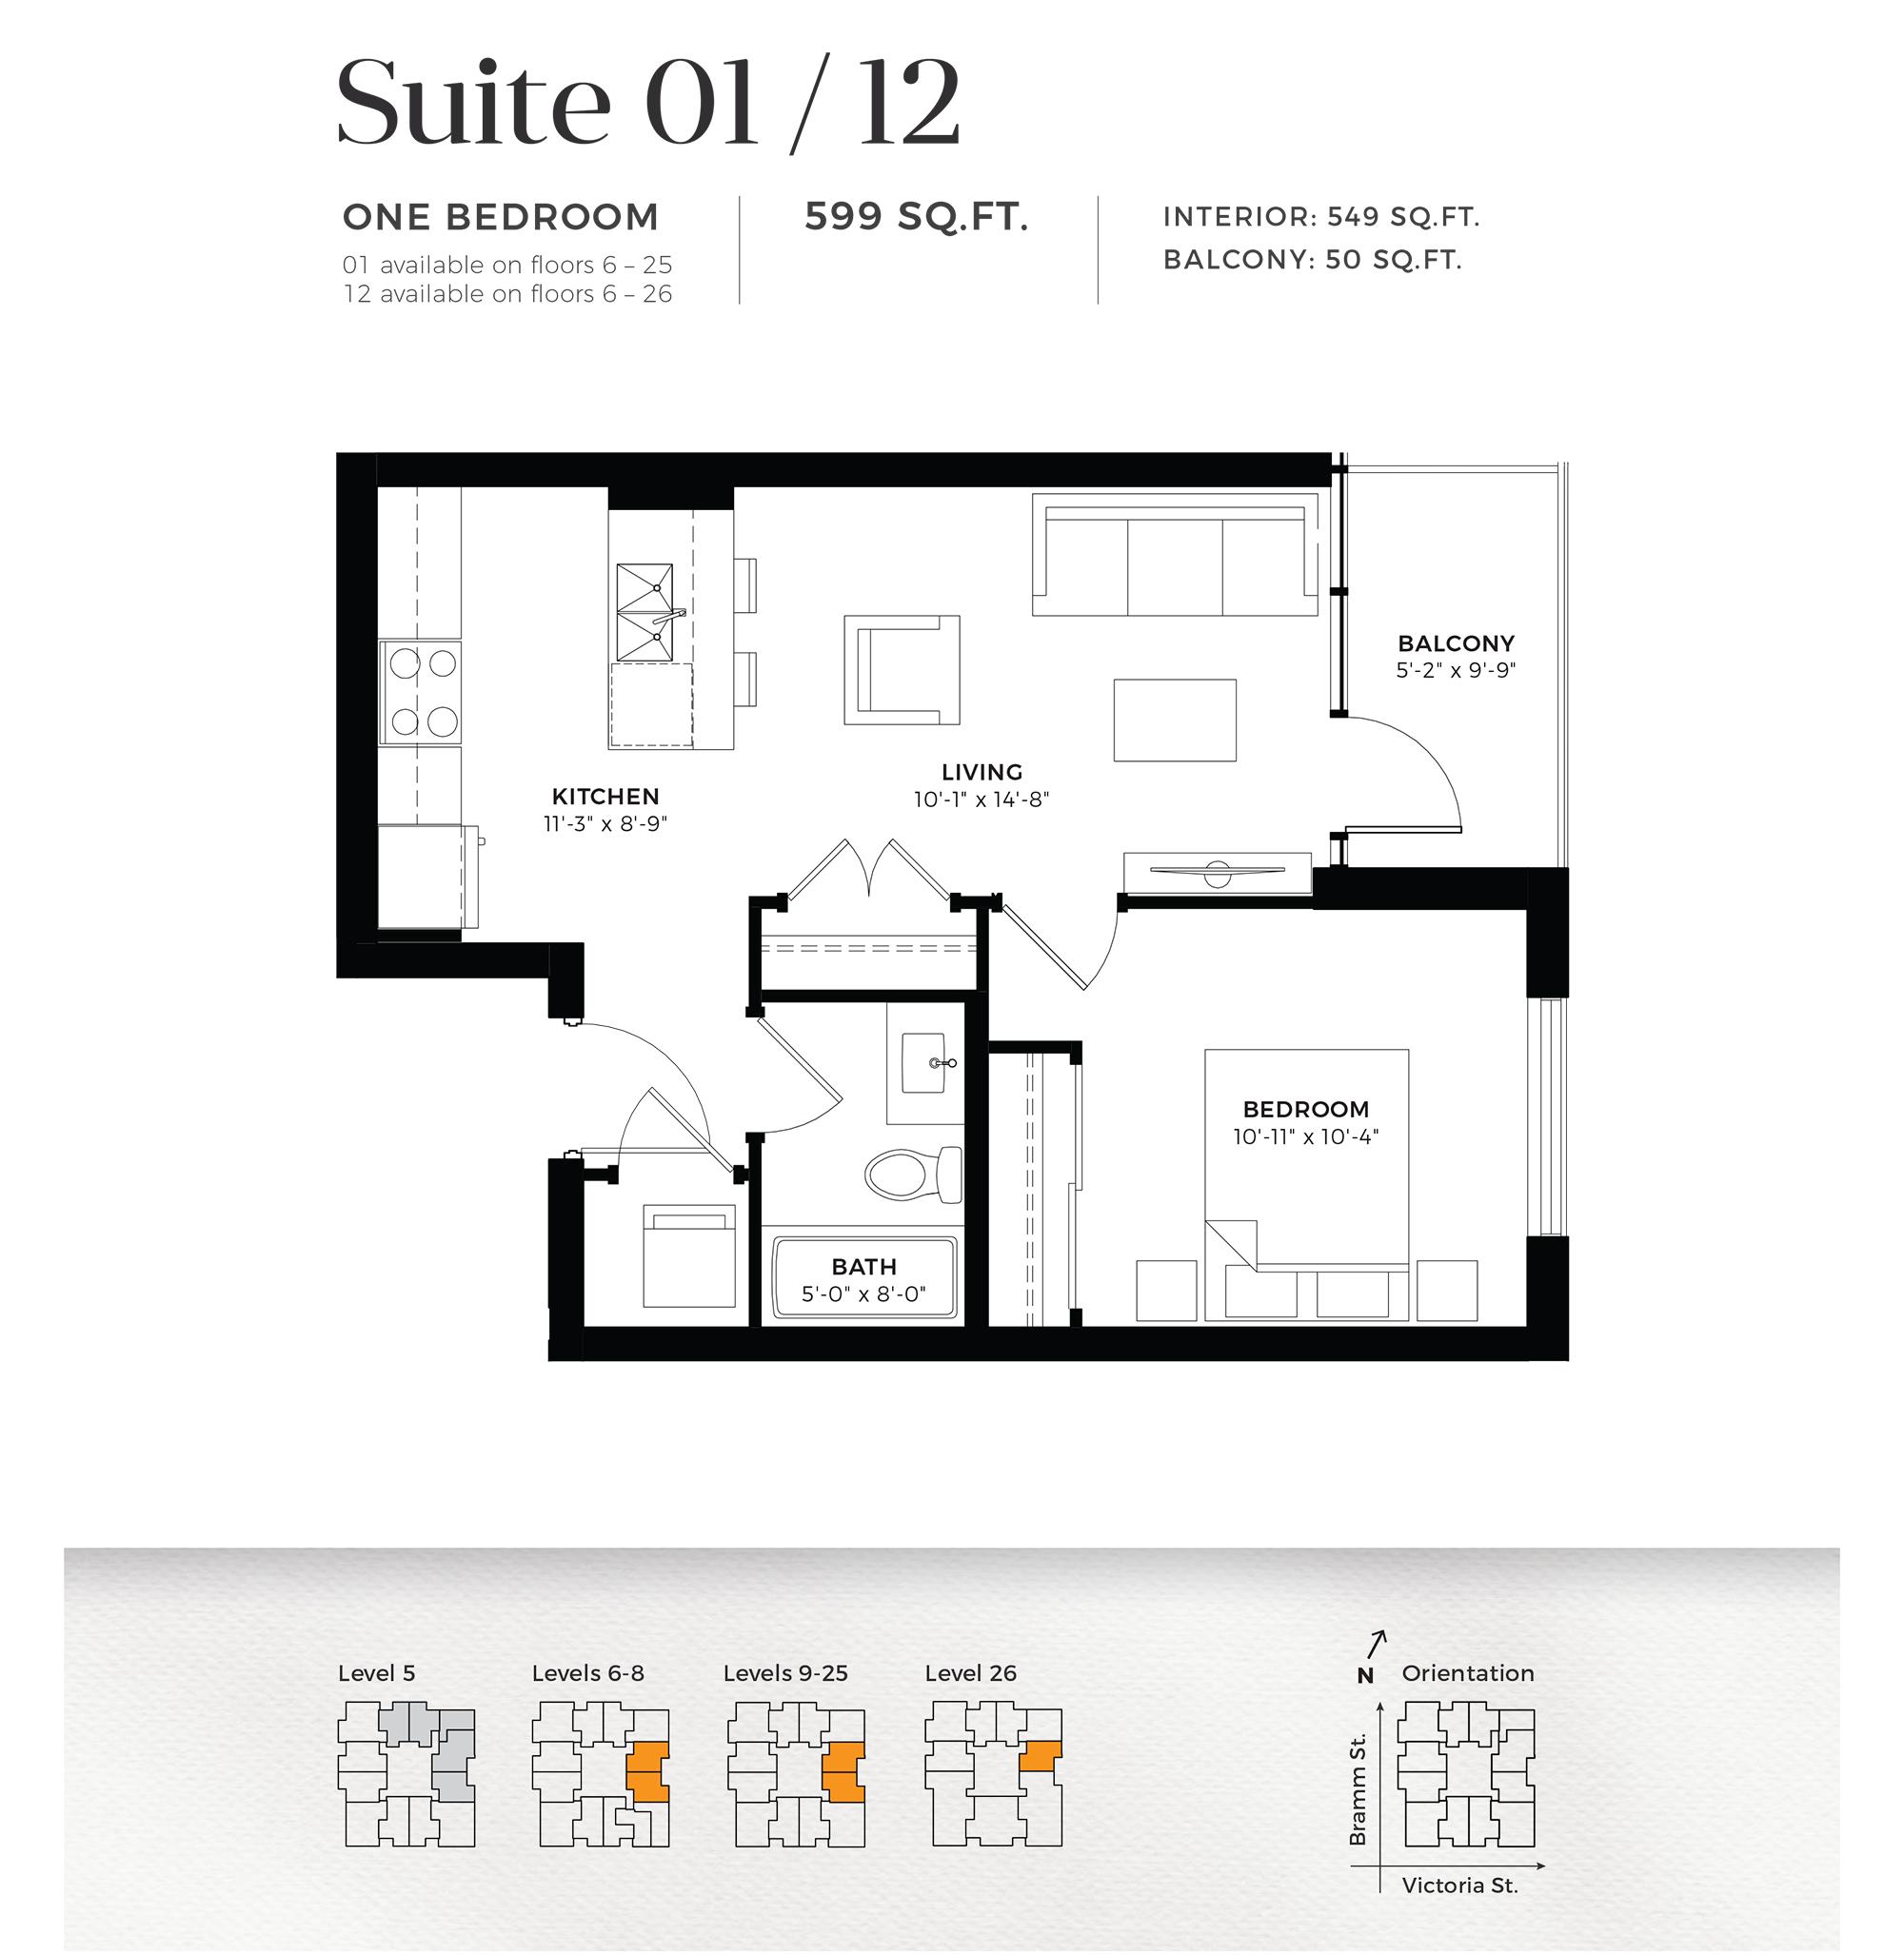 Suite 01 / 12